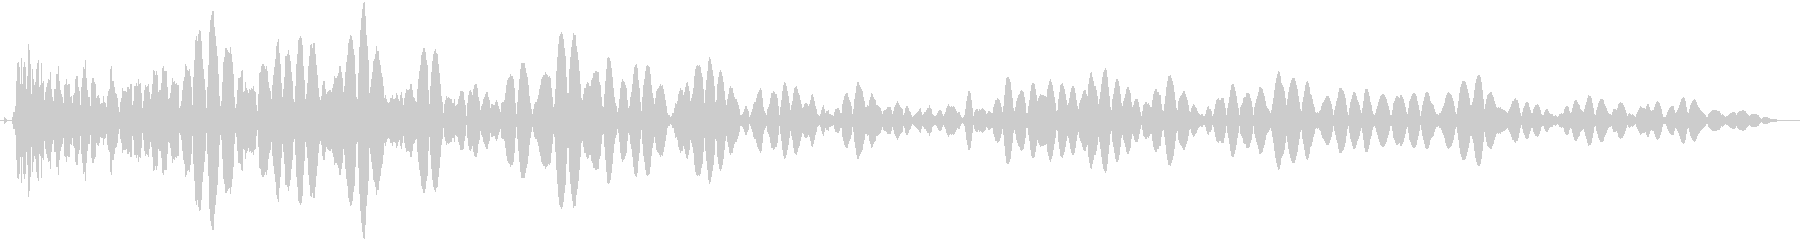 ドロン (忍術)の未再生の波形